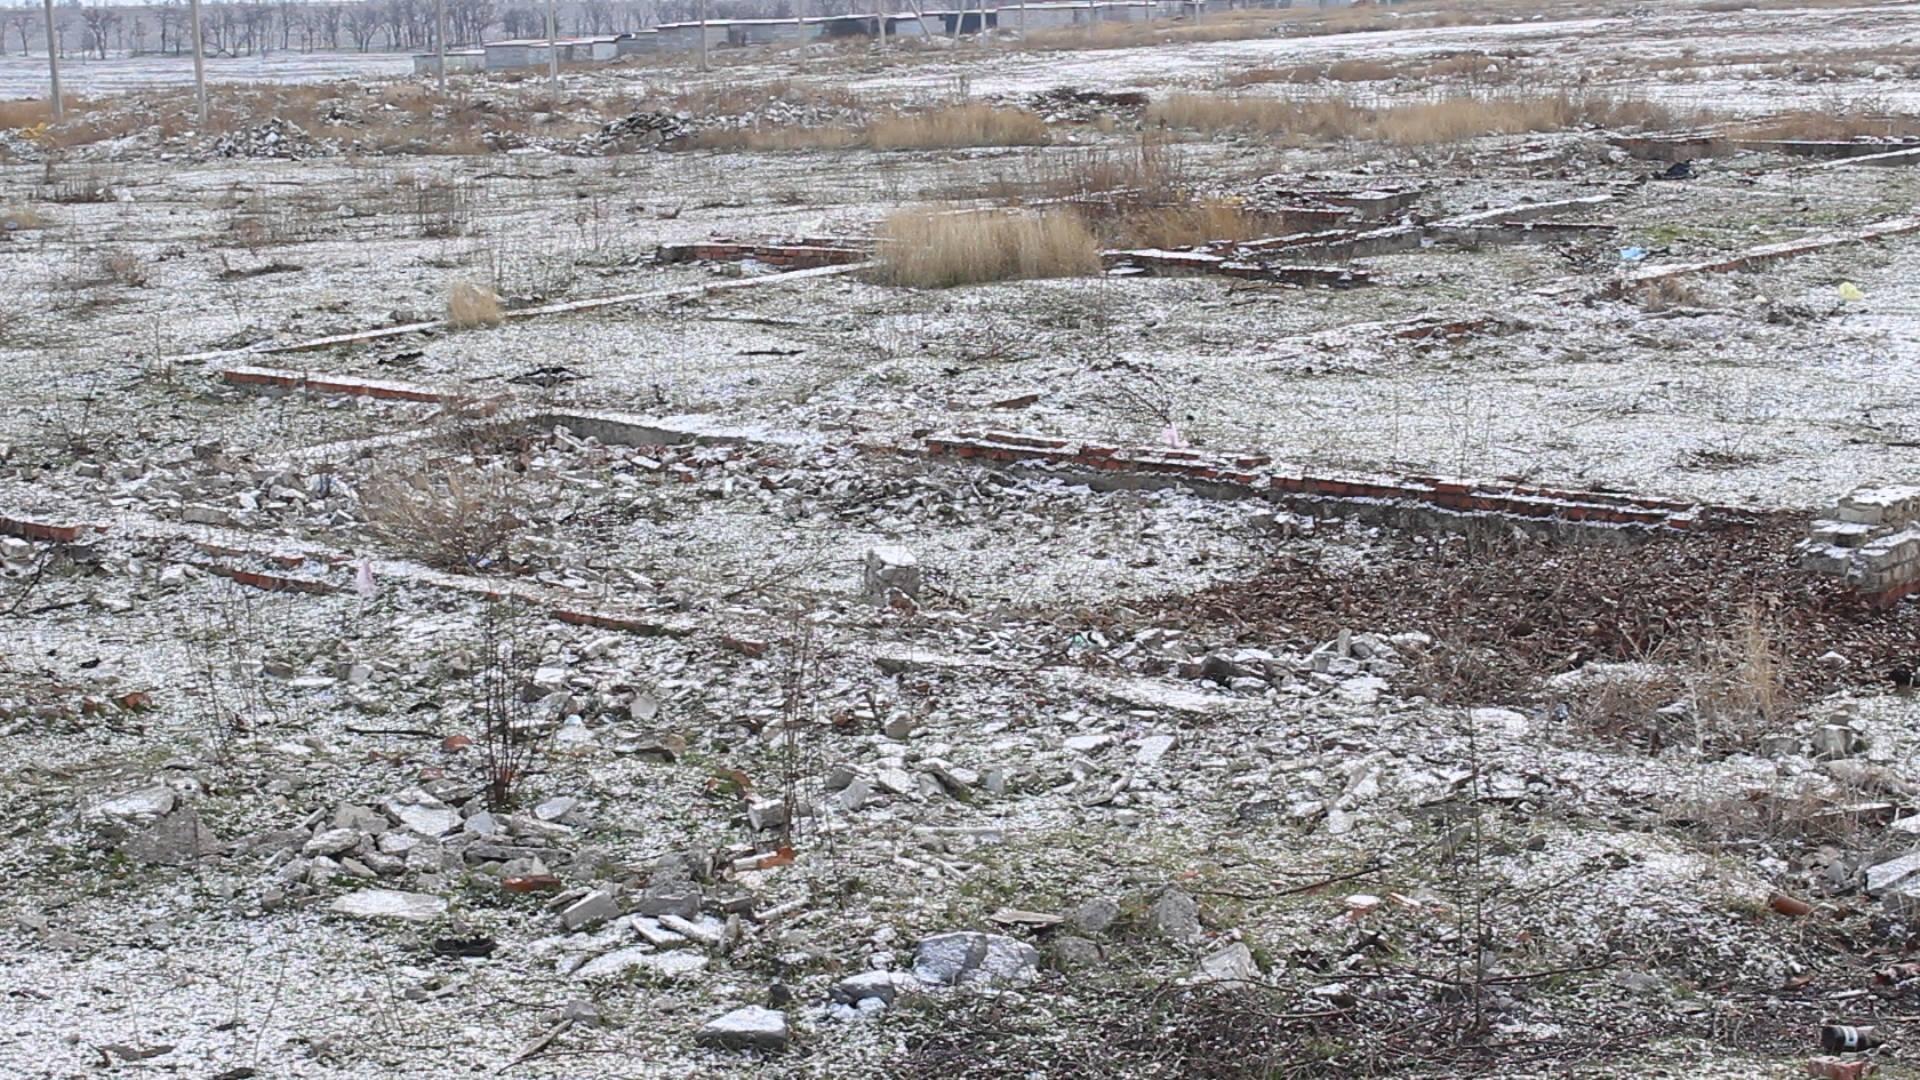 Ані рабів, ані землі: Як влада Маріуполя видала бійцям АТО ділянки на смітнику і в болоті - фото 5